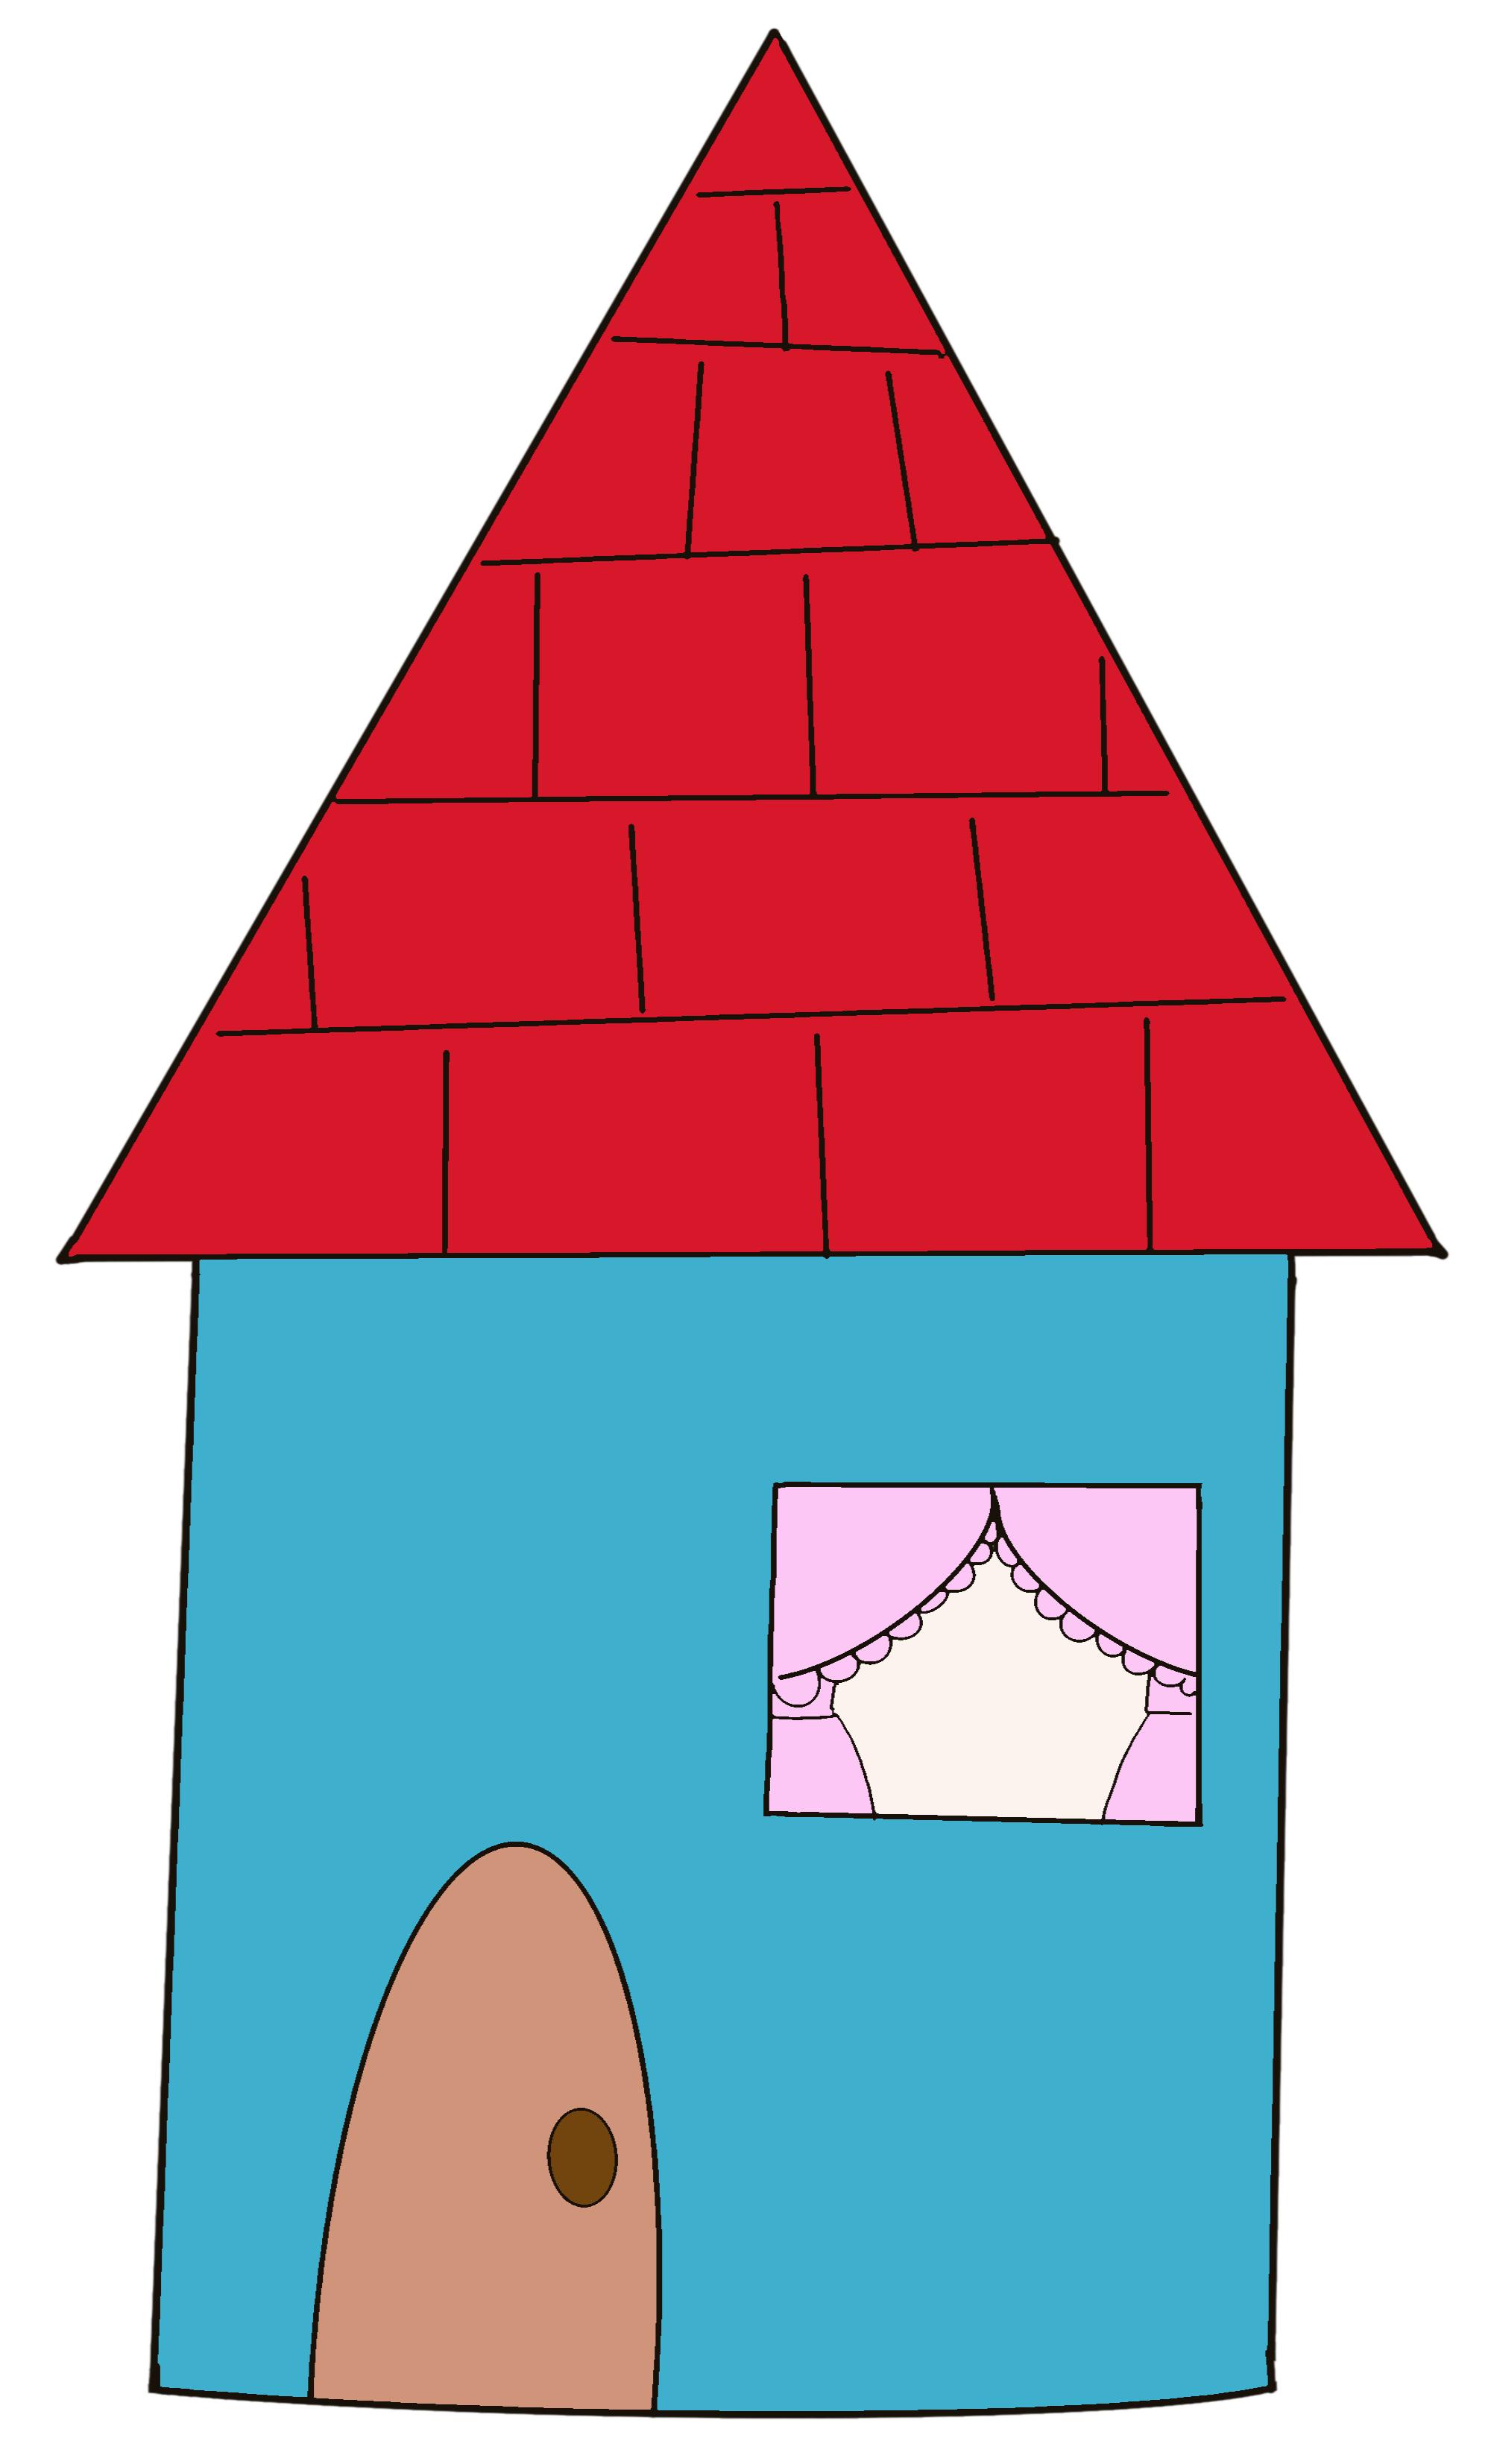 点つなぎ 家(完成一例)